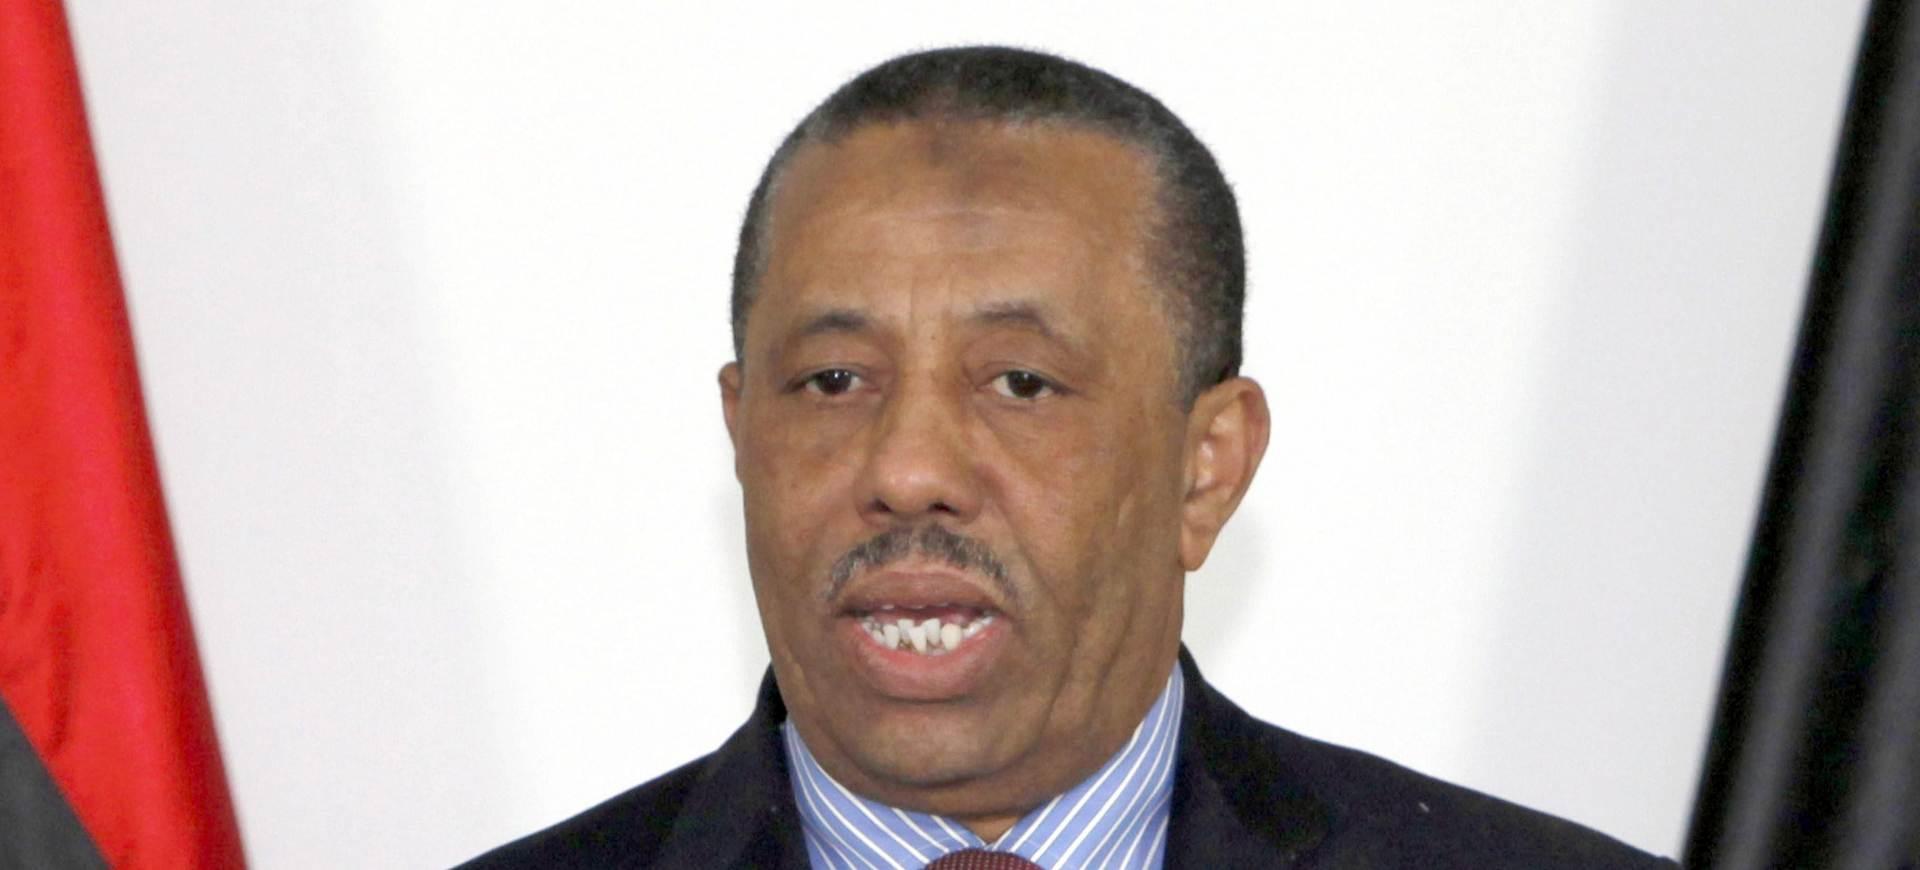 IZNENADNA ODLUKA: Libijski premijer podnio ostavku